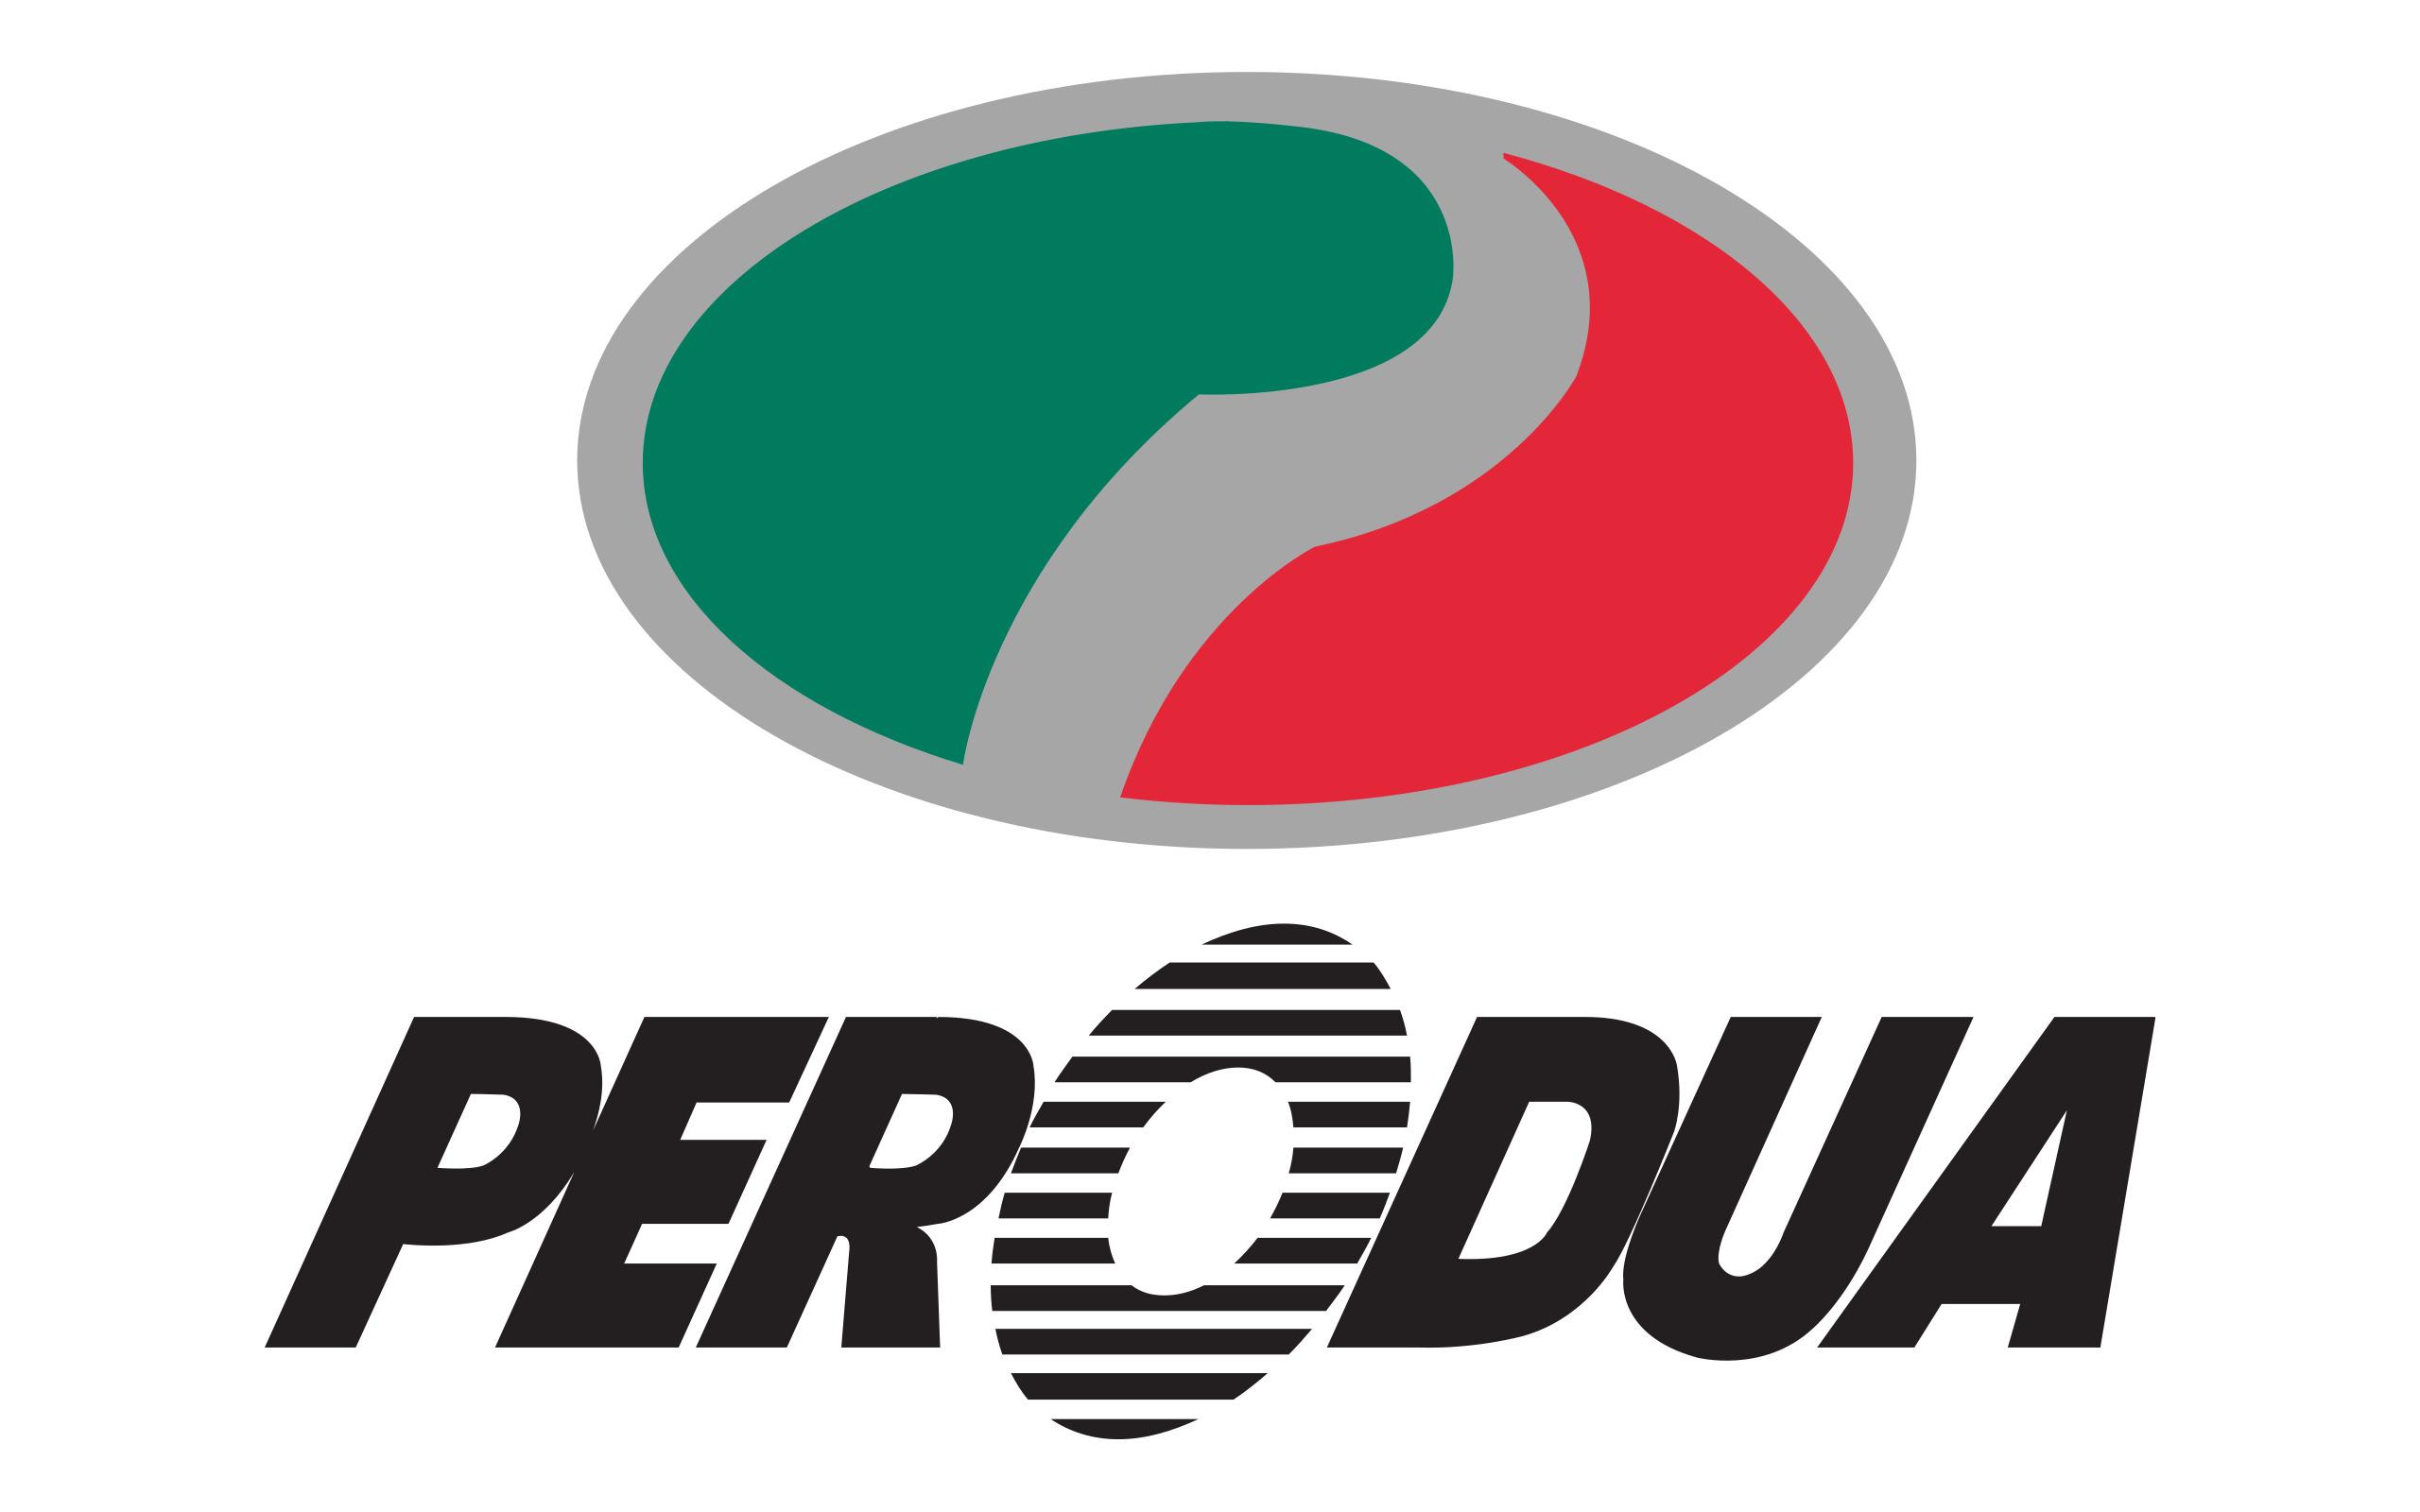 Imagen logo de Perodua